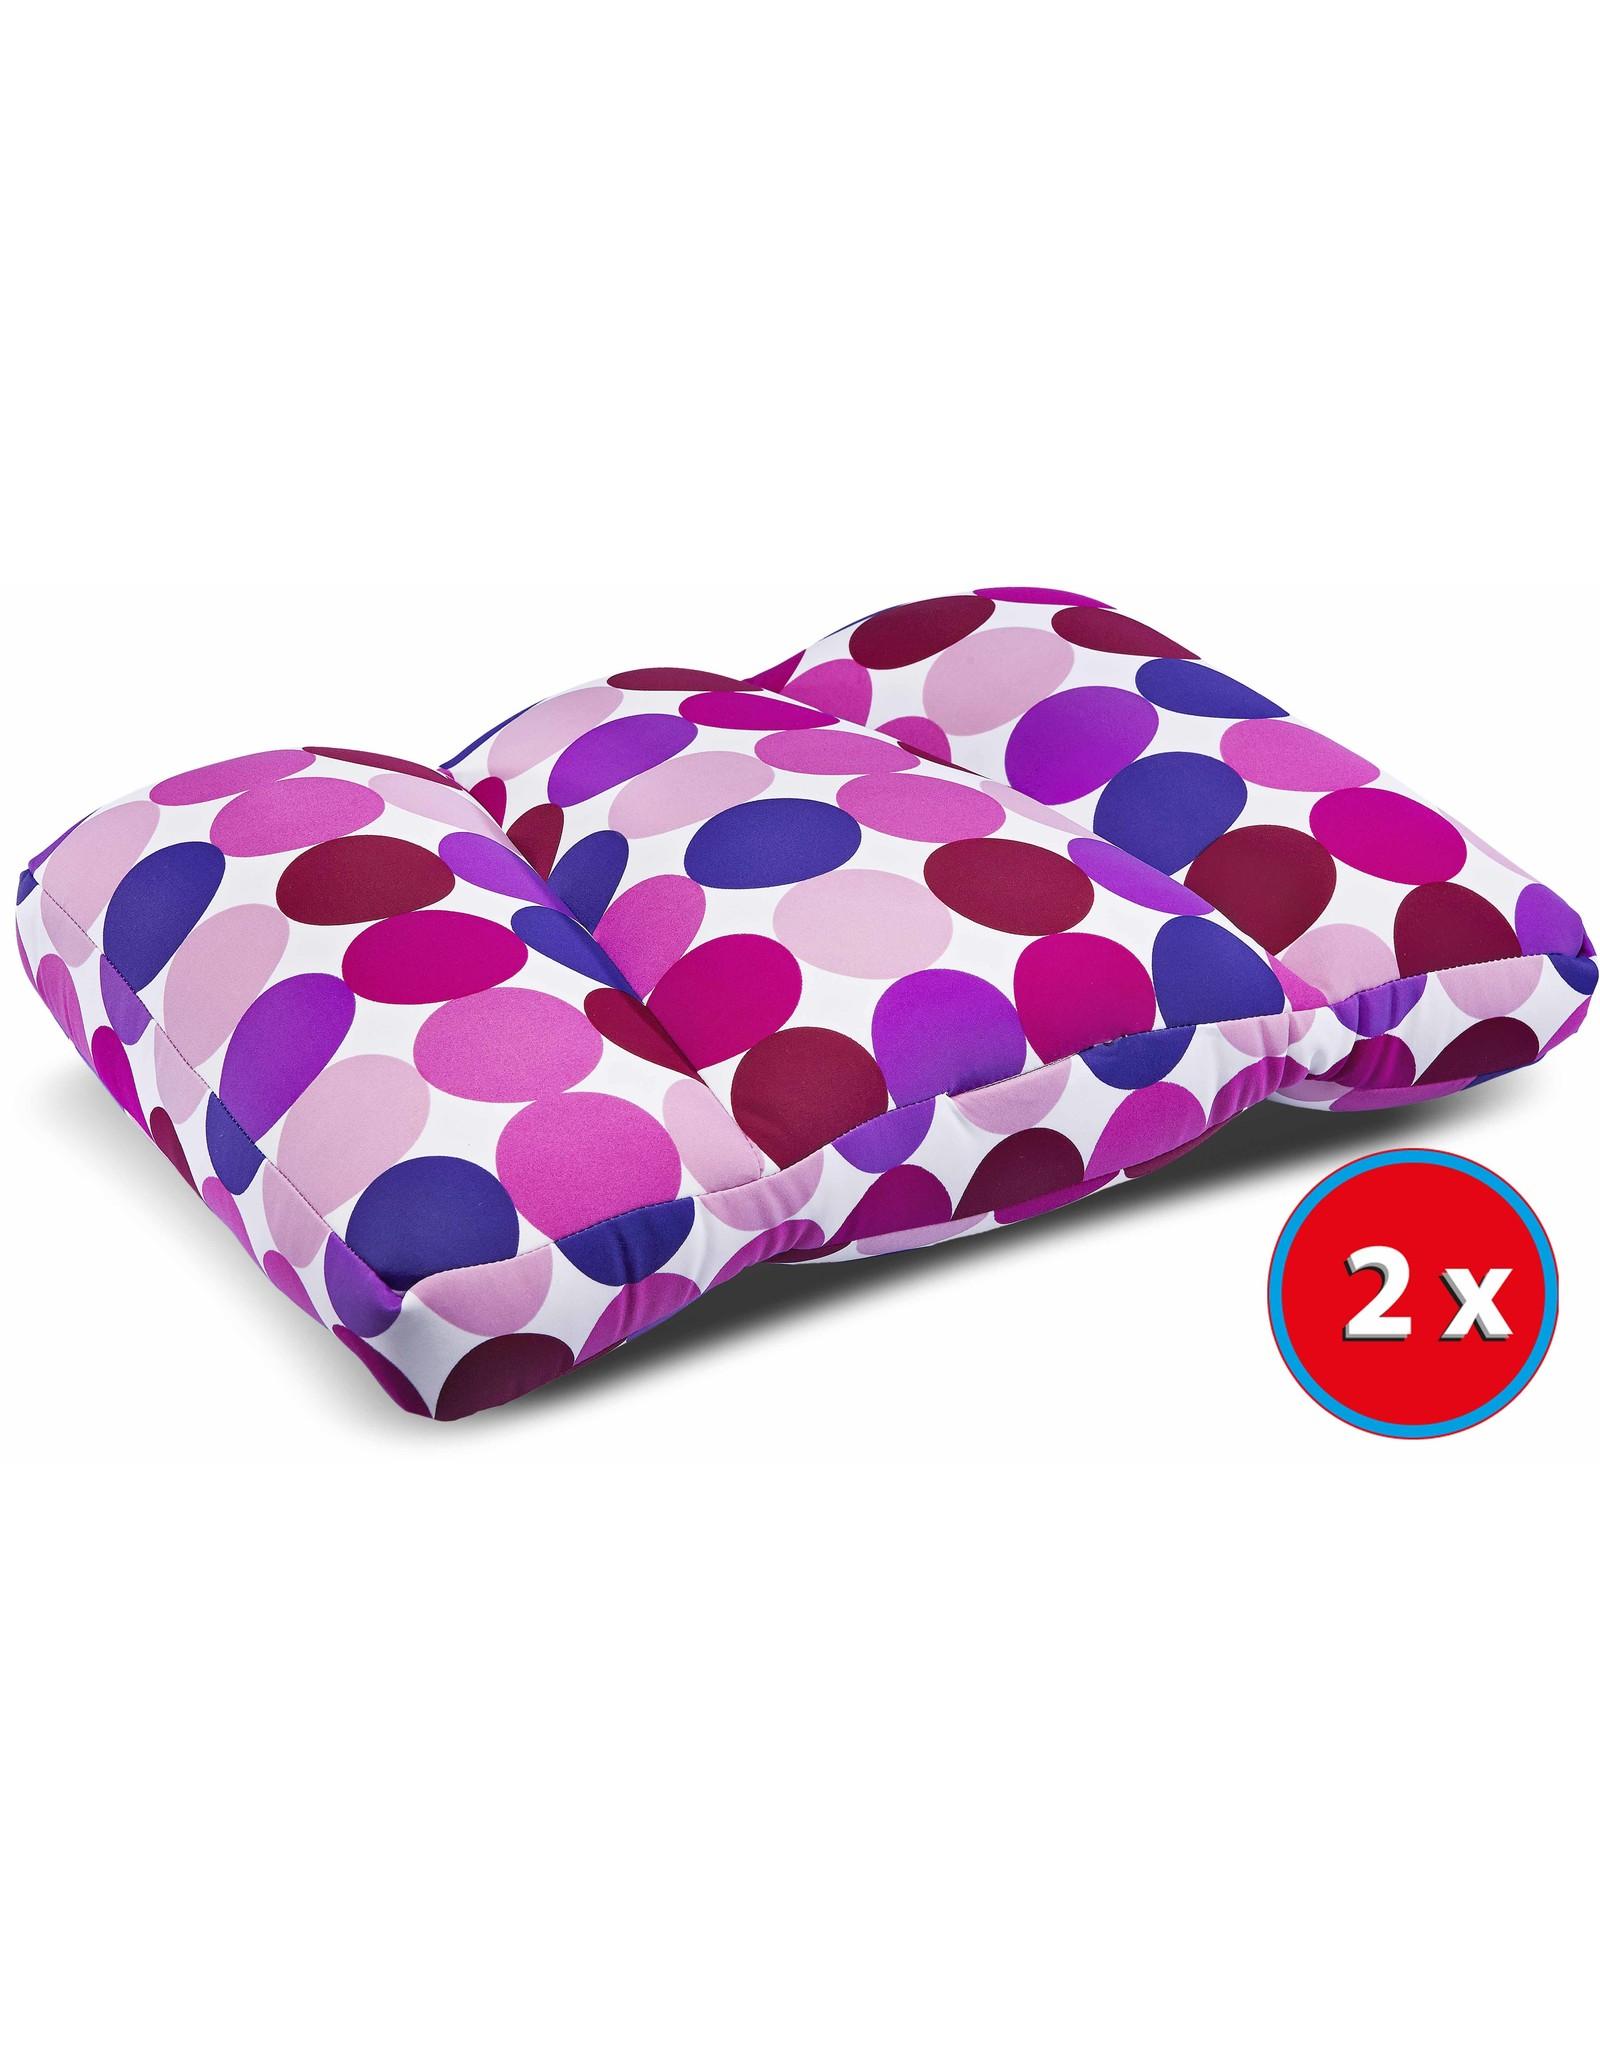 Kuschel-Maxx Kuschel-Maxx - Sleeppillow Dots Violet 2 pcs-Special Offer